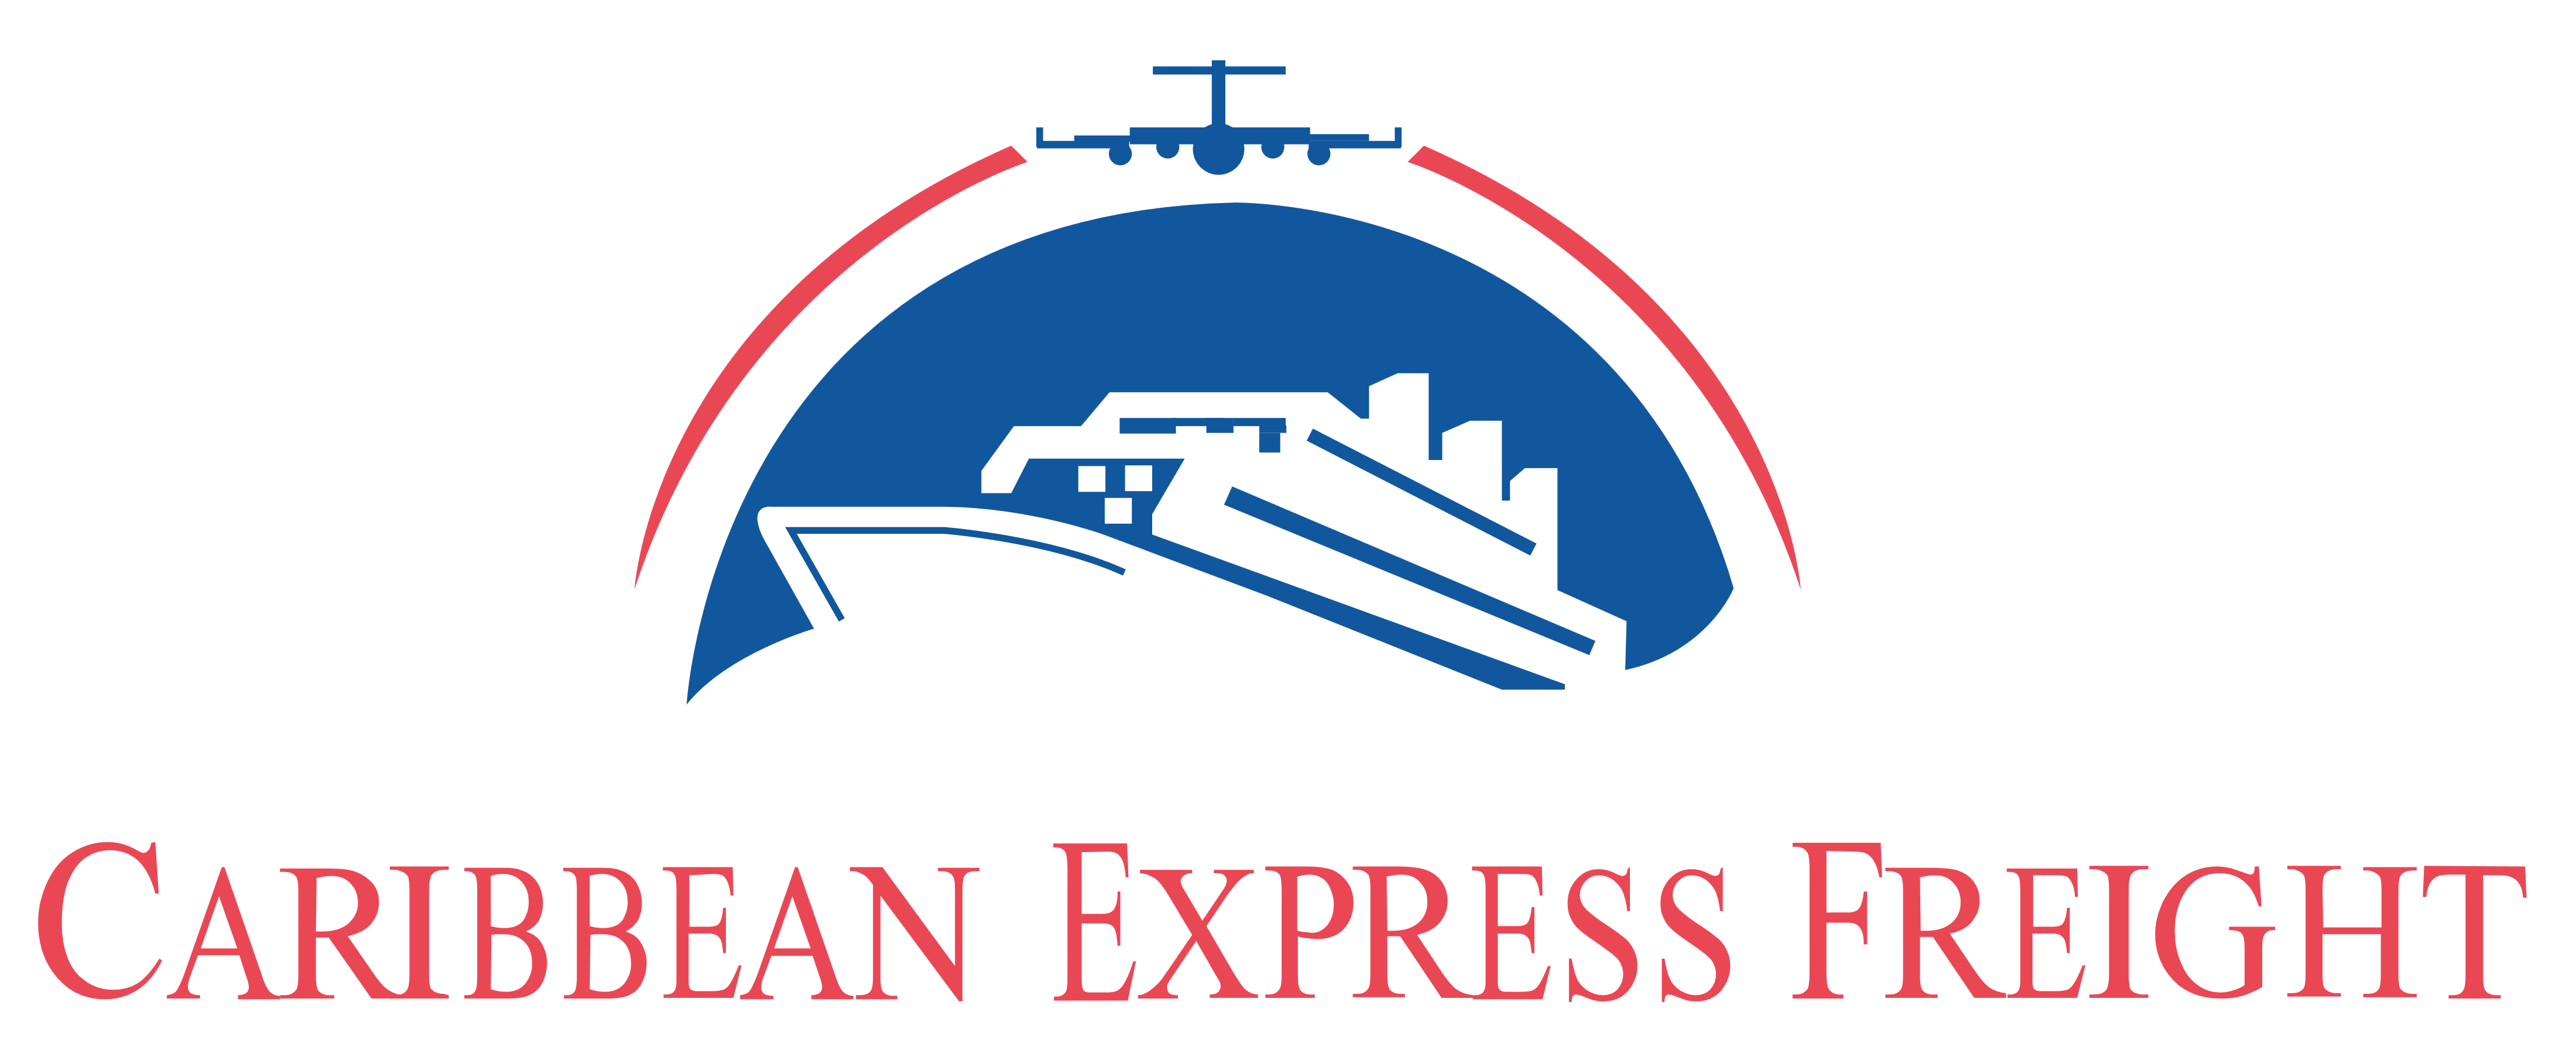 Caribbean Express Freight.